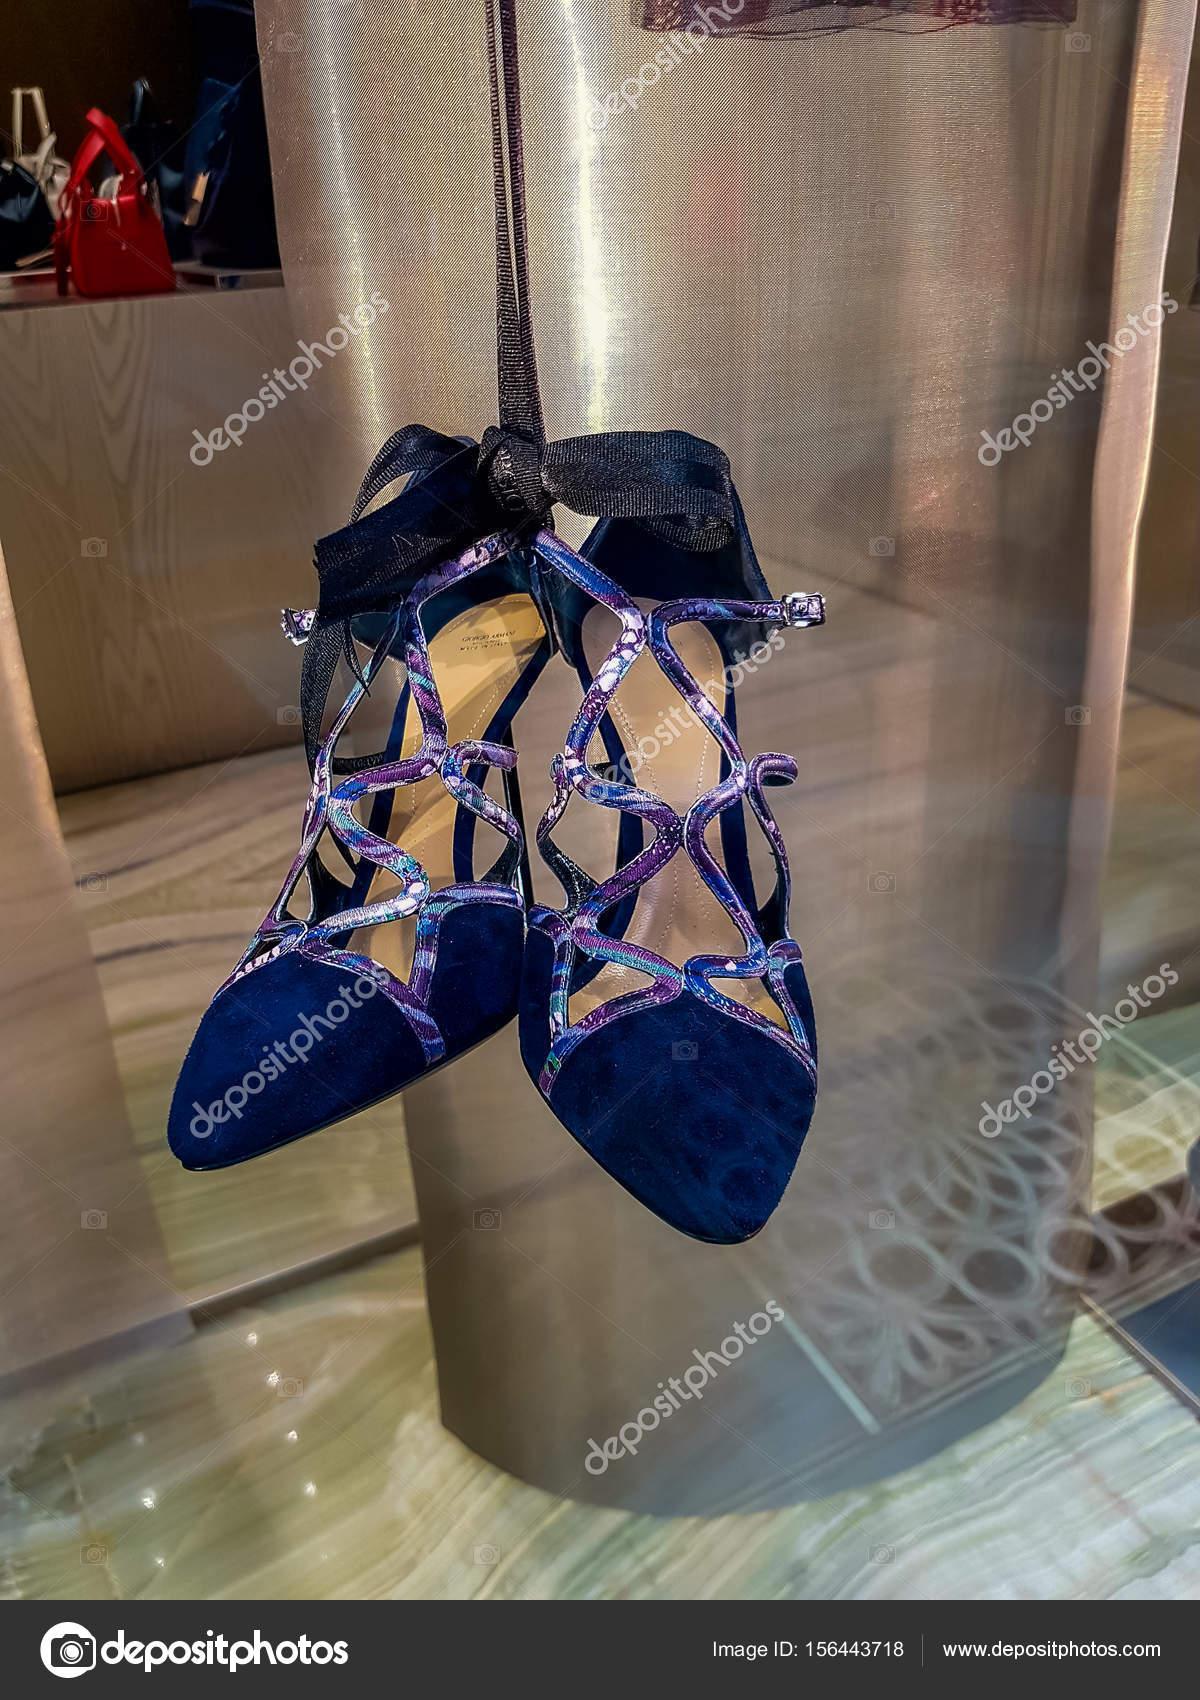 6689c58e4d Armani Γυναικεία παπούτσια – Εκδοτική Εικόνα Αρχείου © boggy22 ...